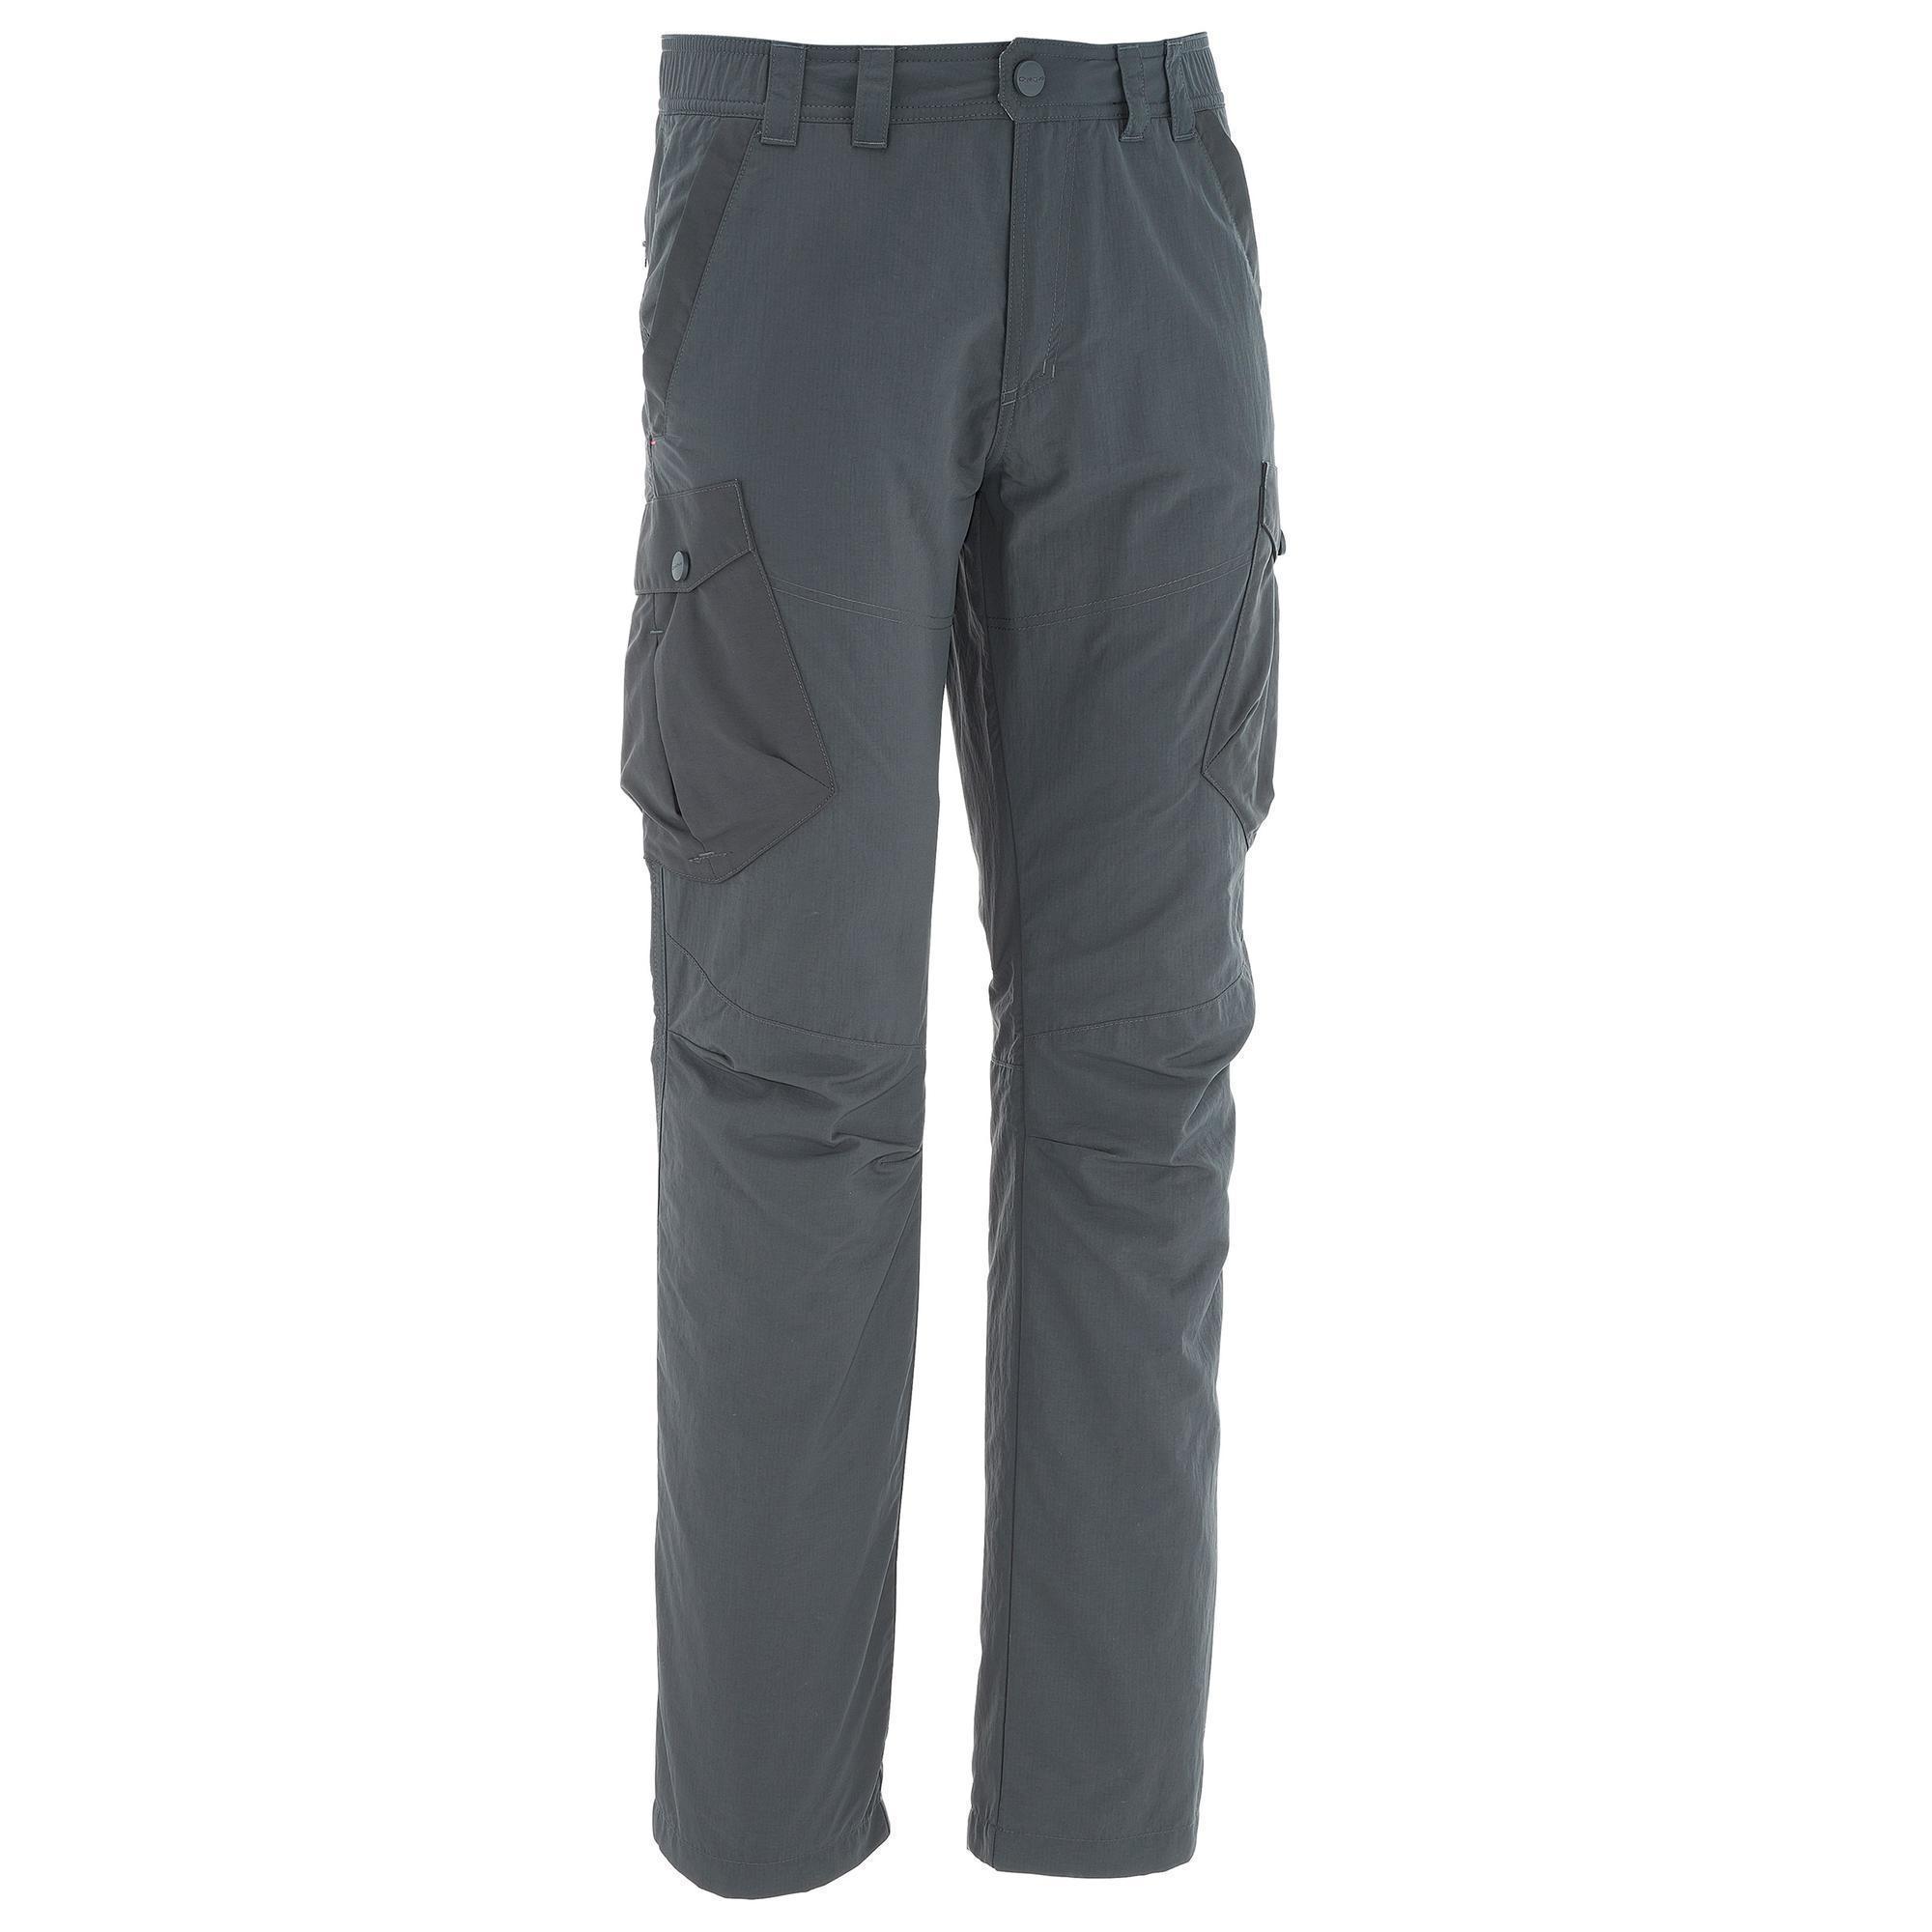 pantalon de randonn e neige homme sh500 chaud gris quechua. Black Bedroom Furniture Sets. Home Design Ideas